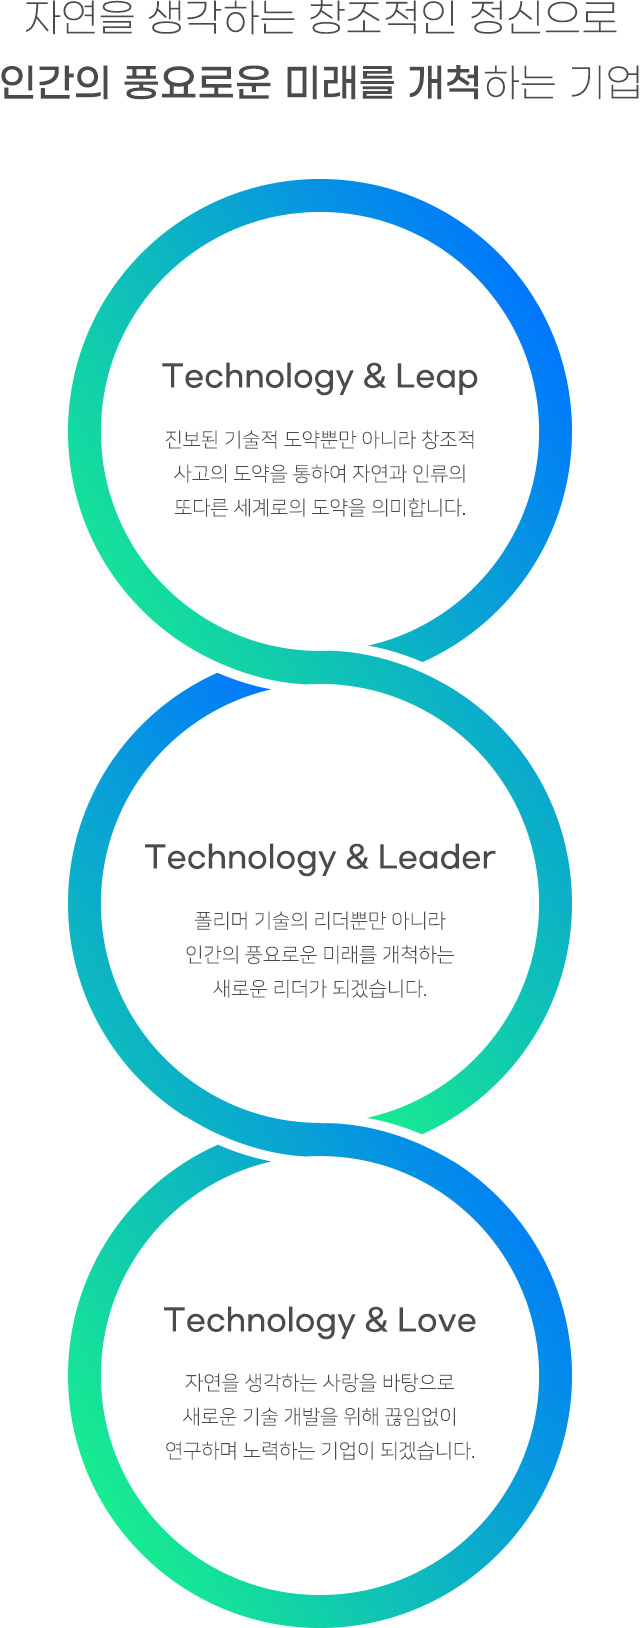 자연을 생각하는 창조적인 정신으로 인간의 풍요로운 미래를 개척하는 기업. Technology & Leap:진보된 기술적 도약뿐만 아니라 창조적 사고의 도약을 통하여 자연과 인류의 또다른 세계로의 도약을 의미합니다. Technology & Leader:폴리머 기술의 리더뿐만 아니라 인간의 풍요로운 미래를 개척하는 새로운 리더가 되겠습니다. Technology & Love:자연을 생각하는 사랑을 바탕으로 새로운 기술 개발을 위해 끊임없이 연구하며 노력하는 기업이 되겠습니다.